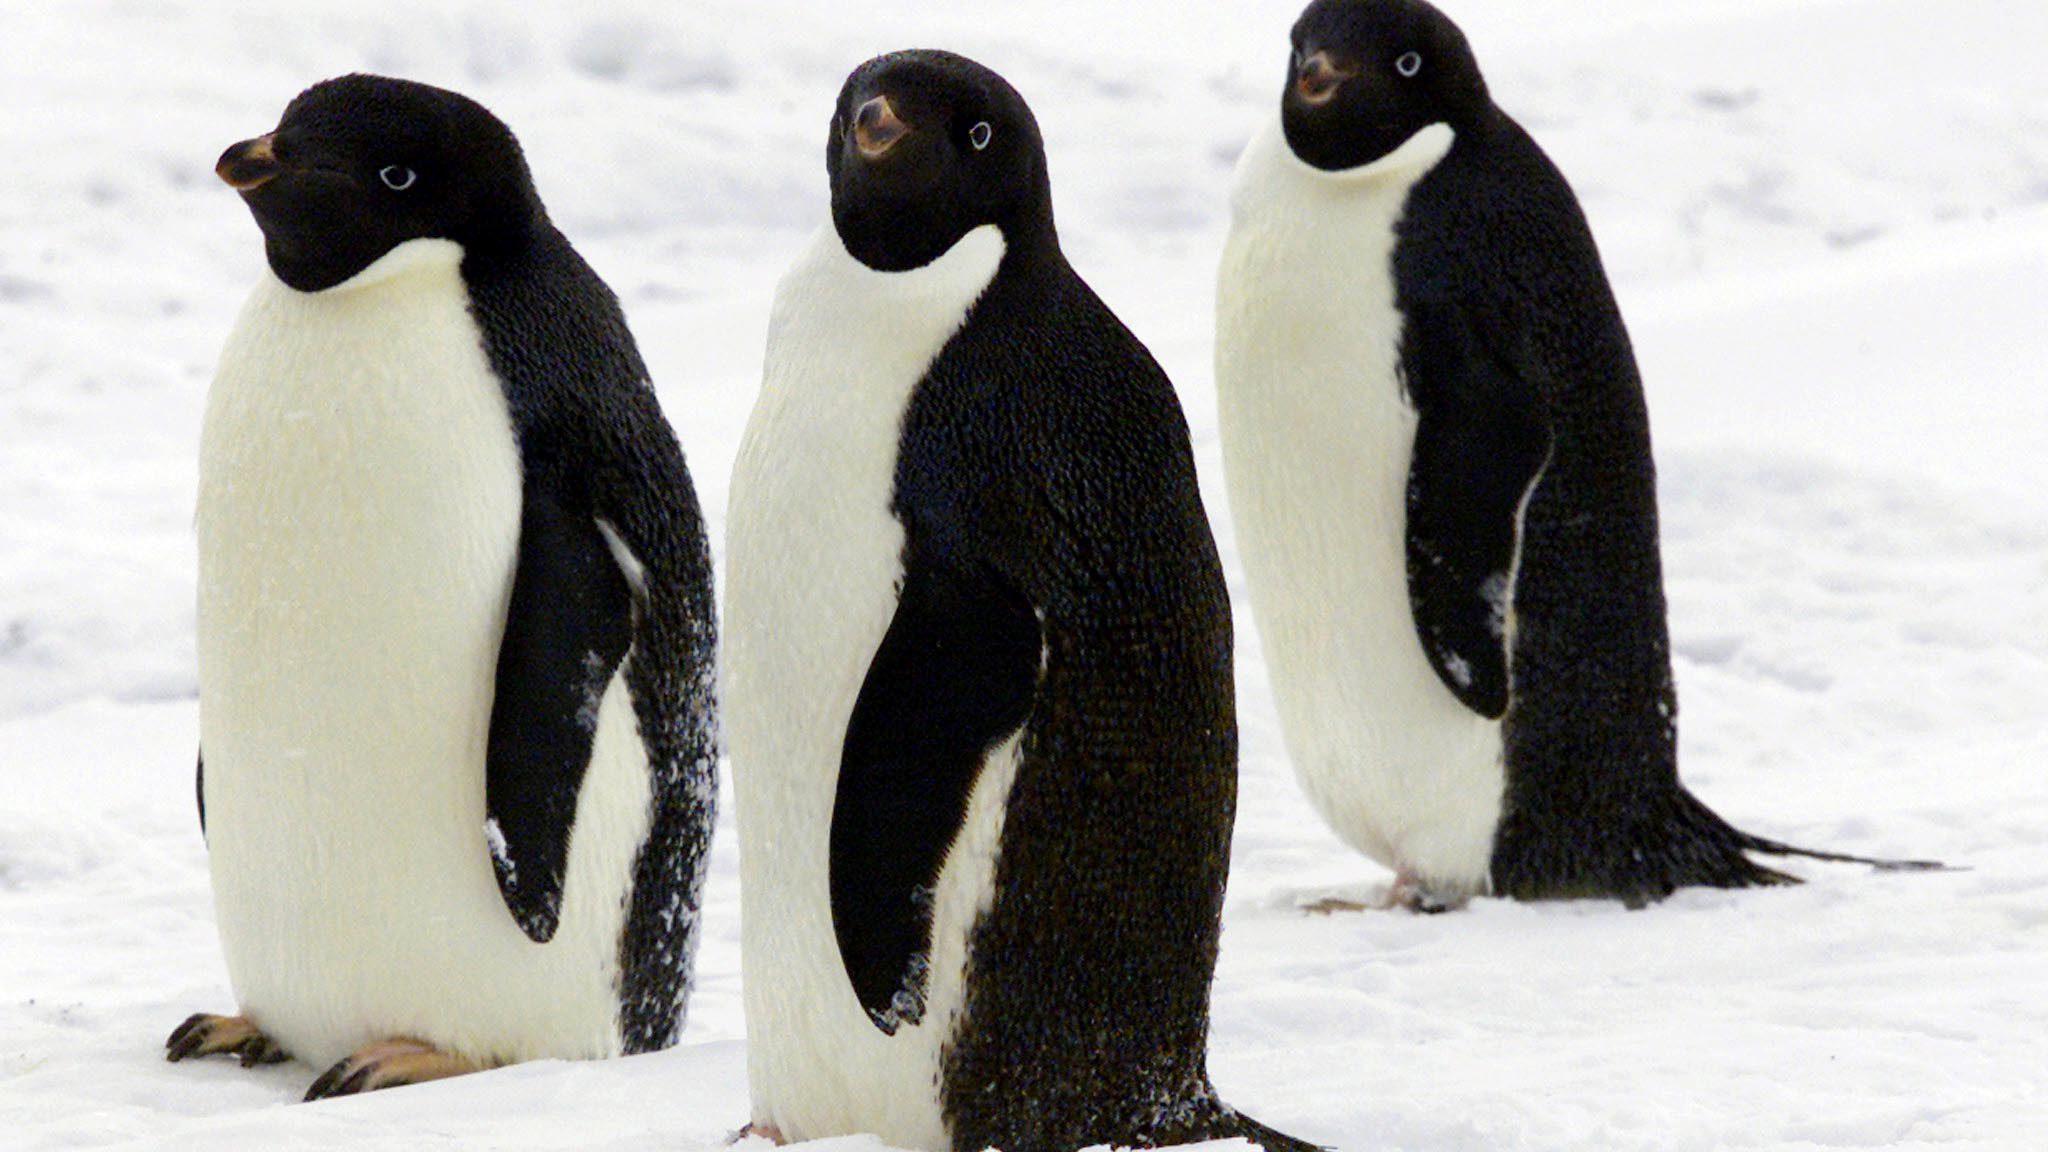 three adelie penguins walk together